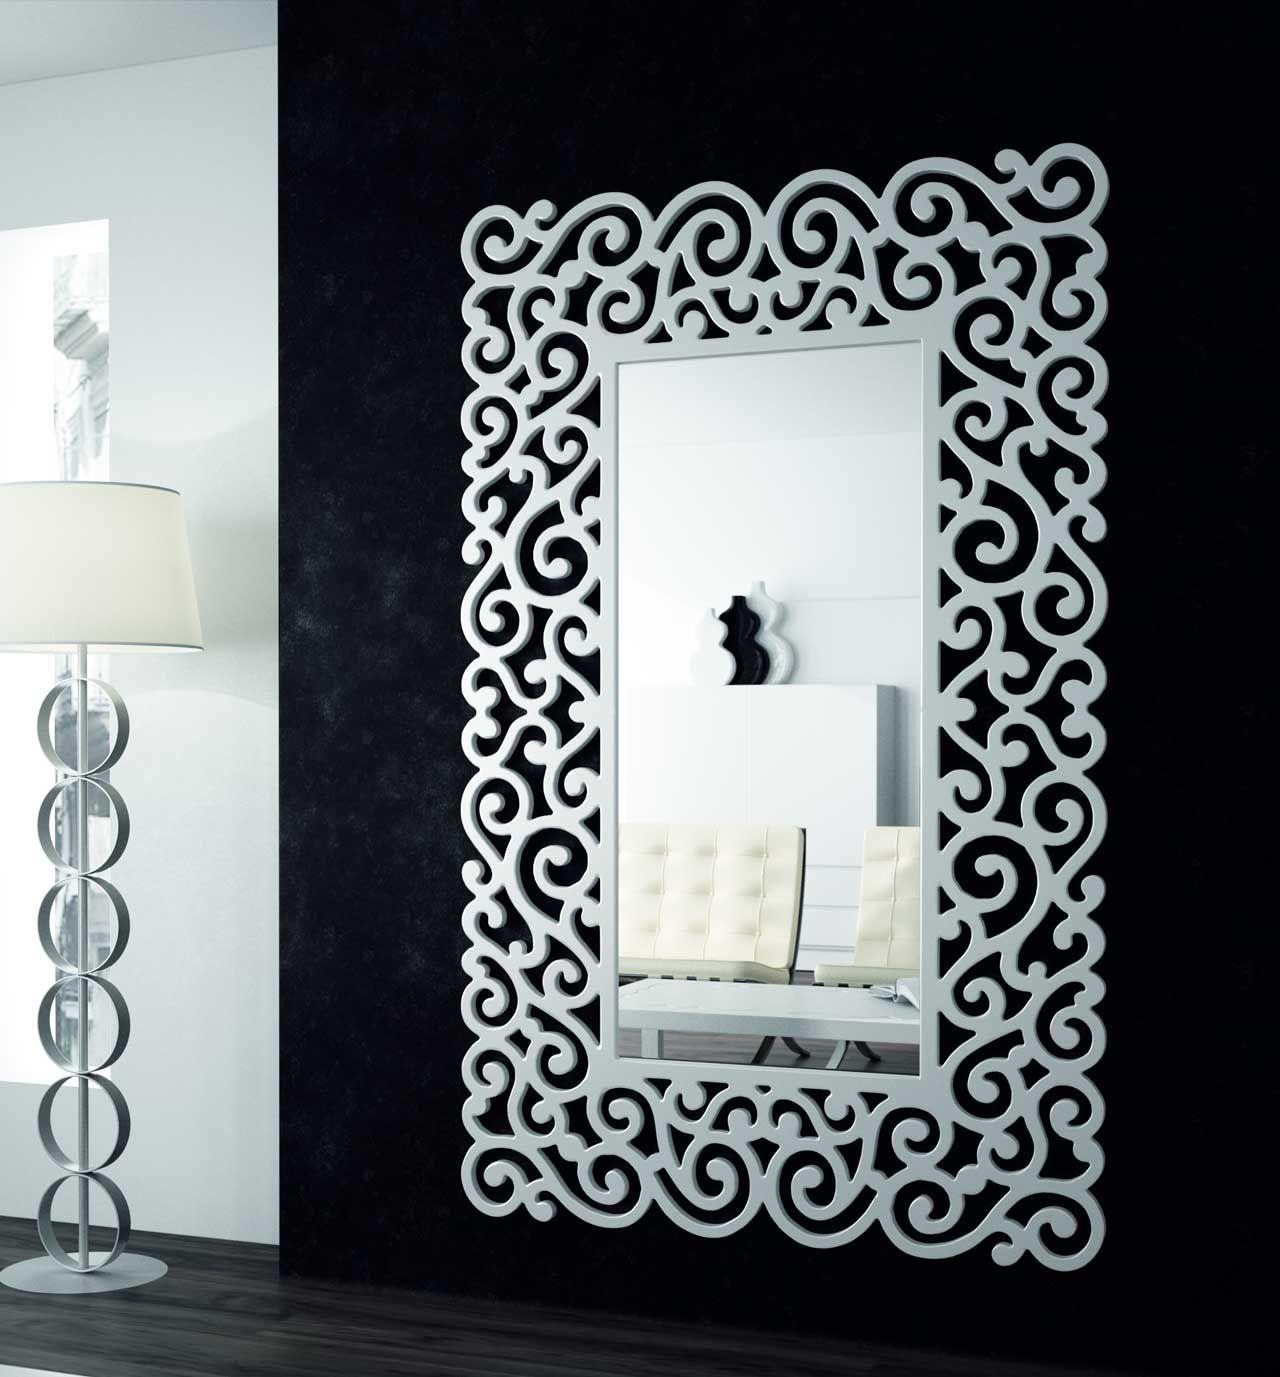 Vitrina mesa centro mesa auxiliar consola entrada espejo espejos espejos espejos - Espejos originales baratos ...